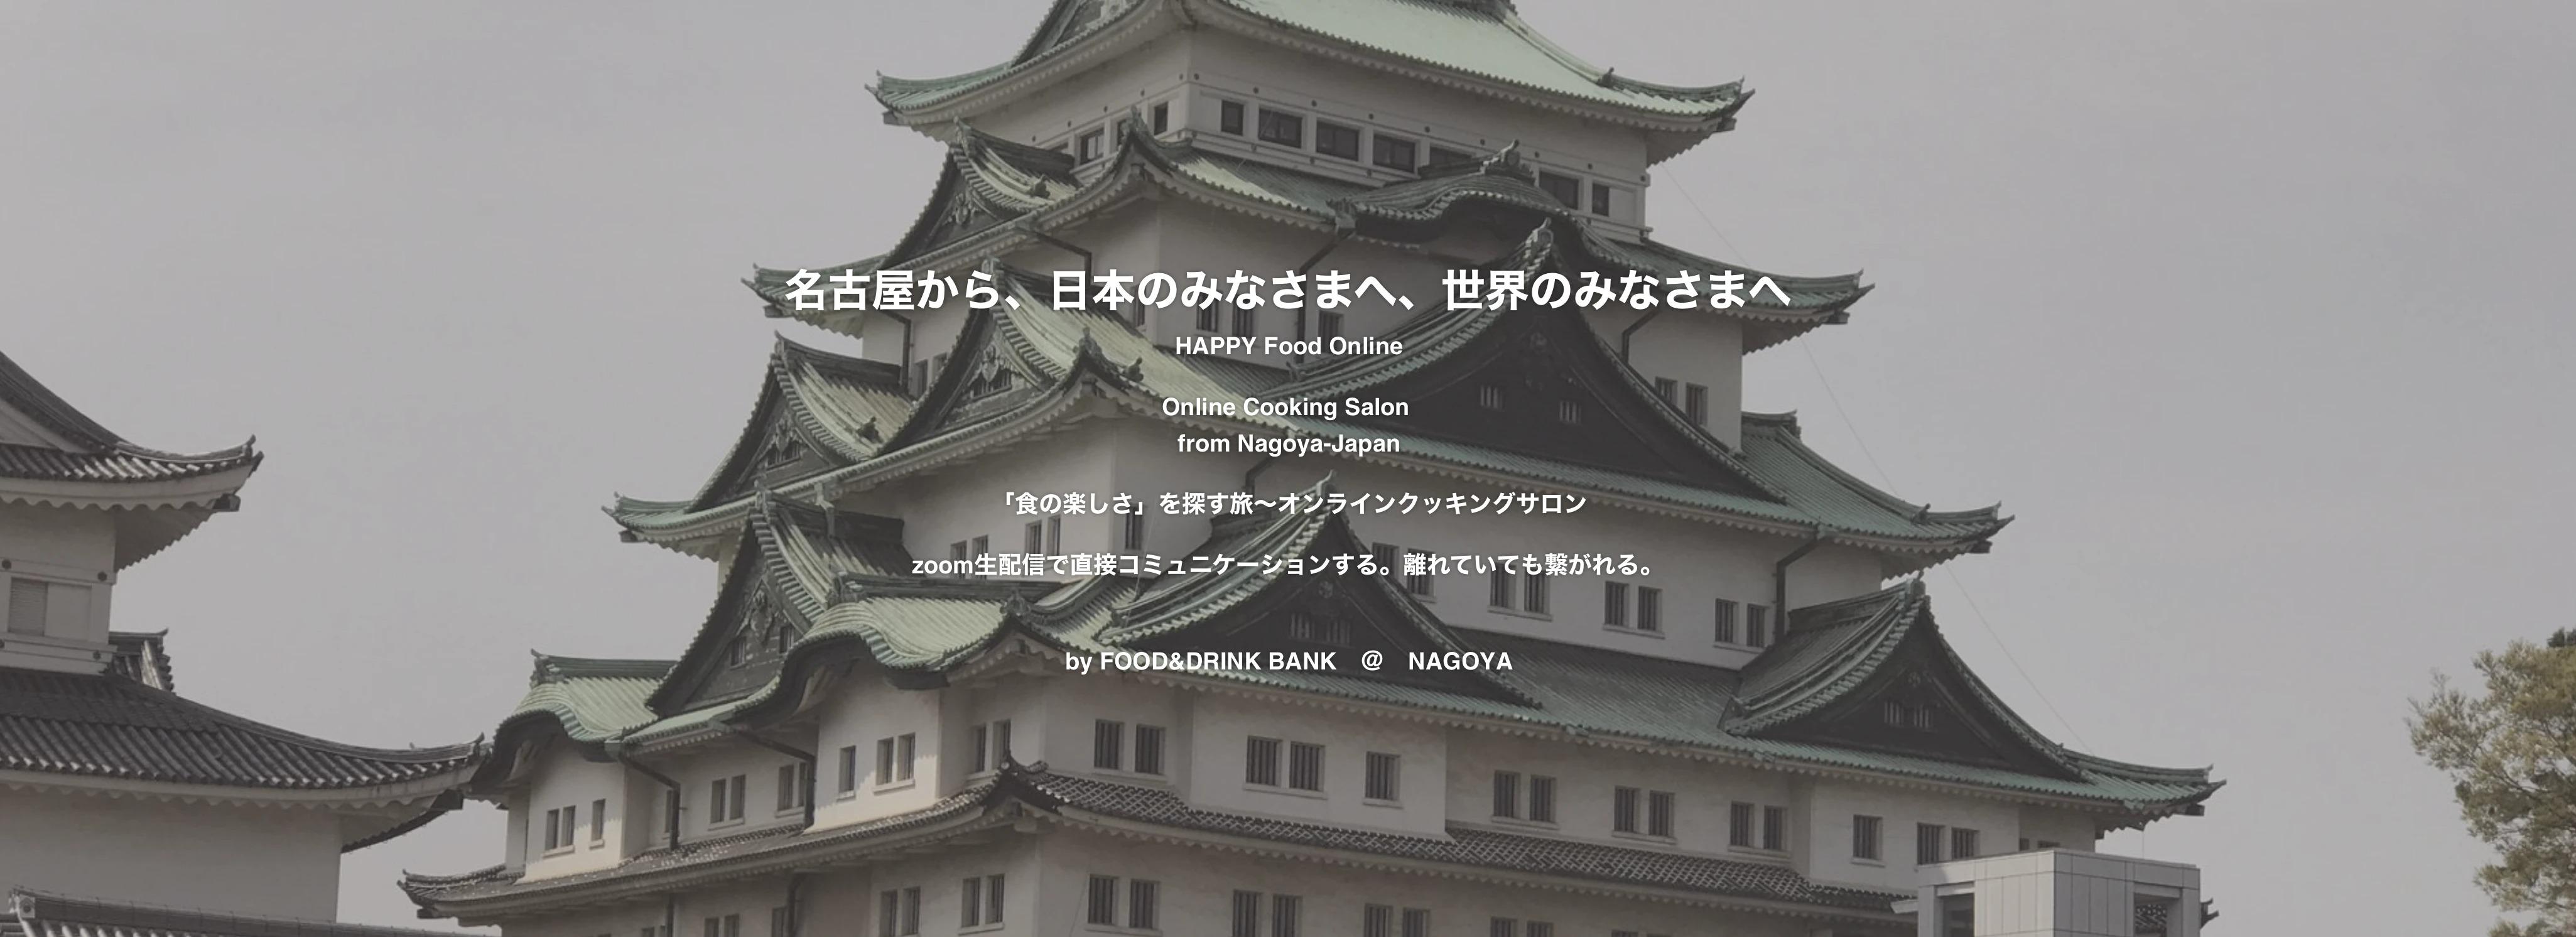 Online Cooking Salon from Nagoya-Japan オンライン料理教室